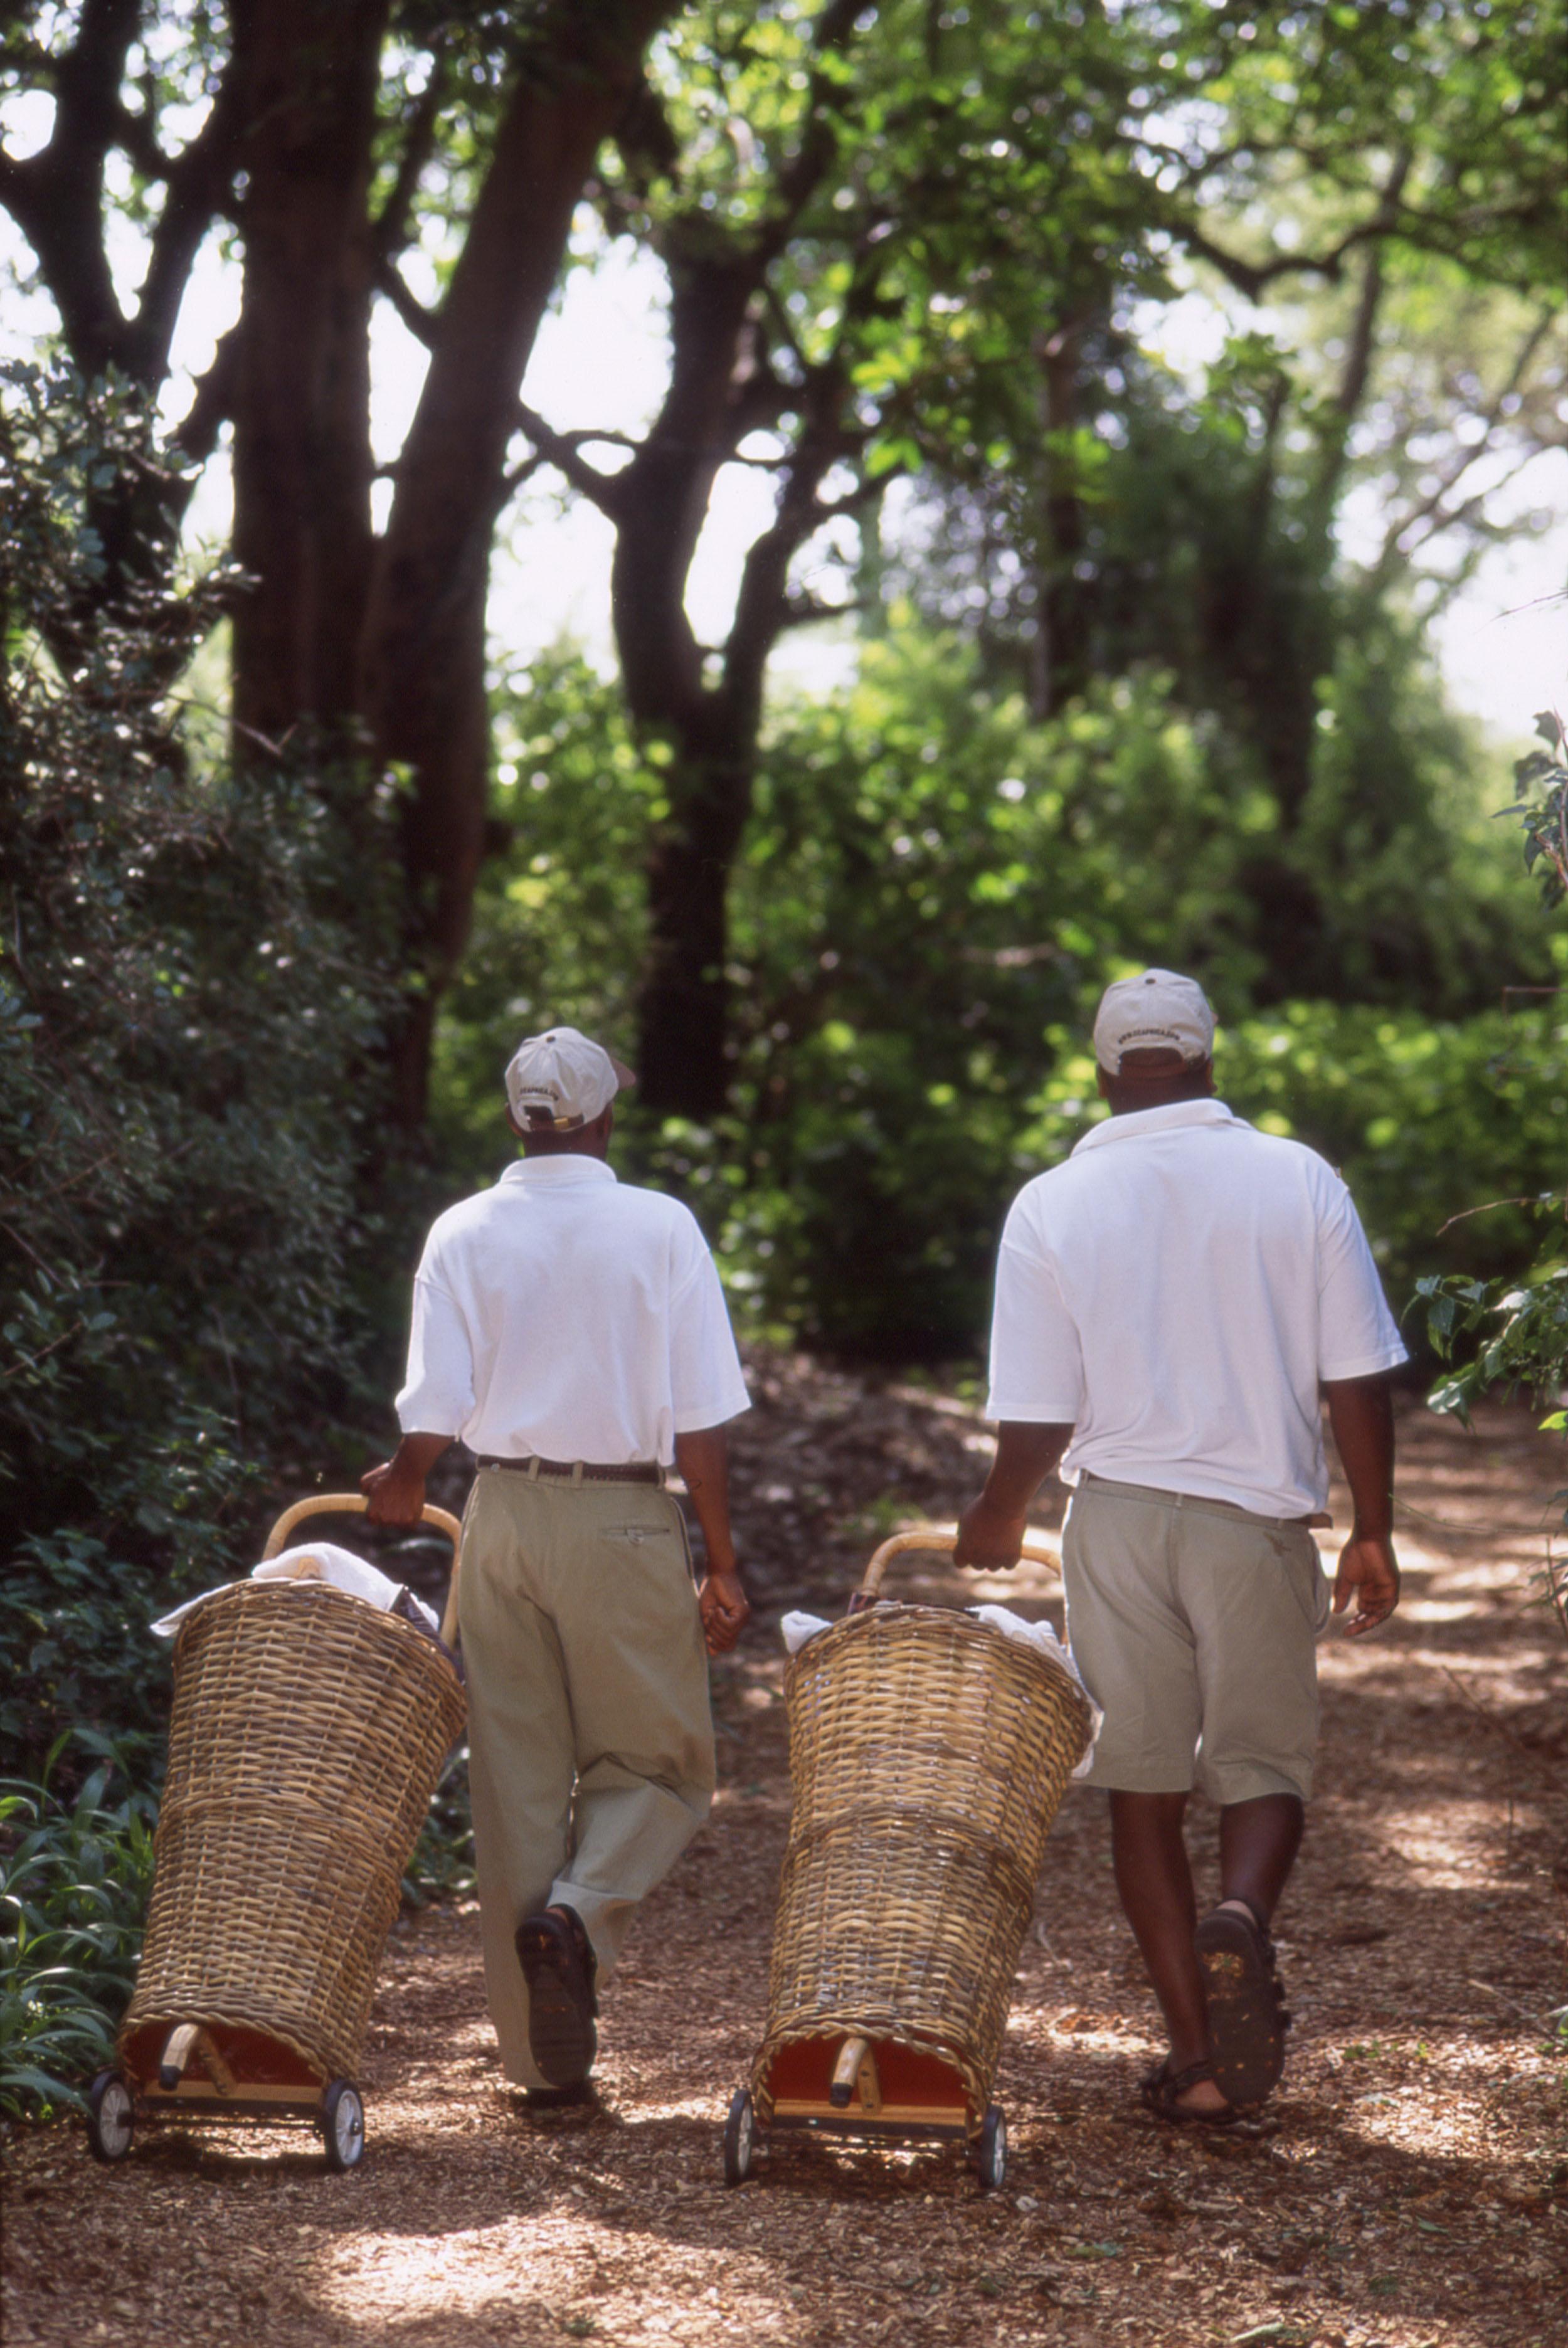 Dook - Lake manyara - Housekeepers with trolleys.jpg